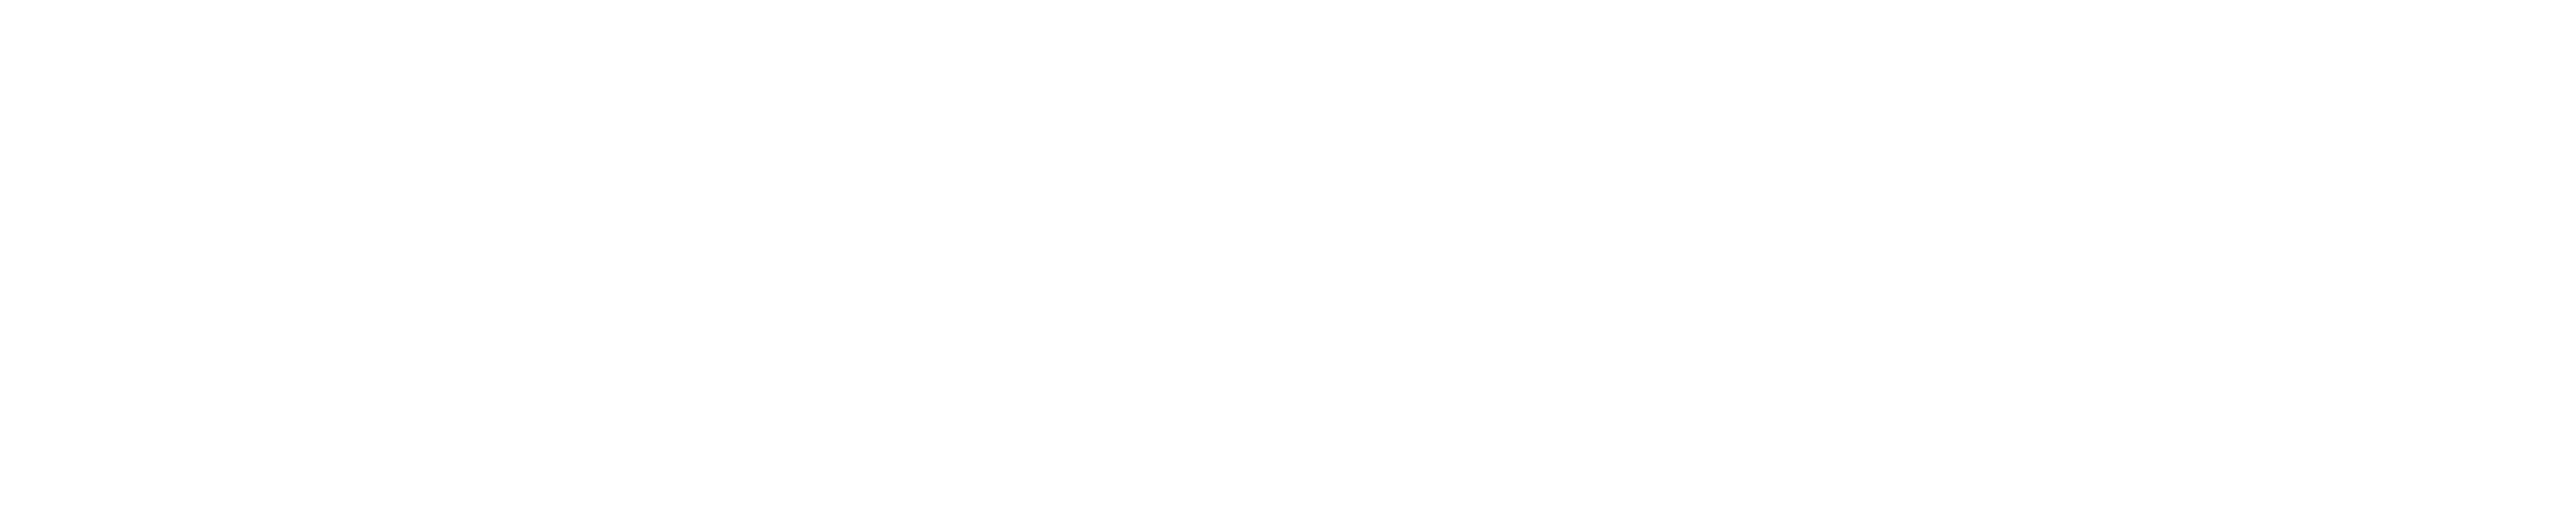 mobbex_logo